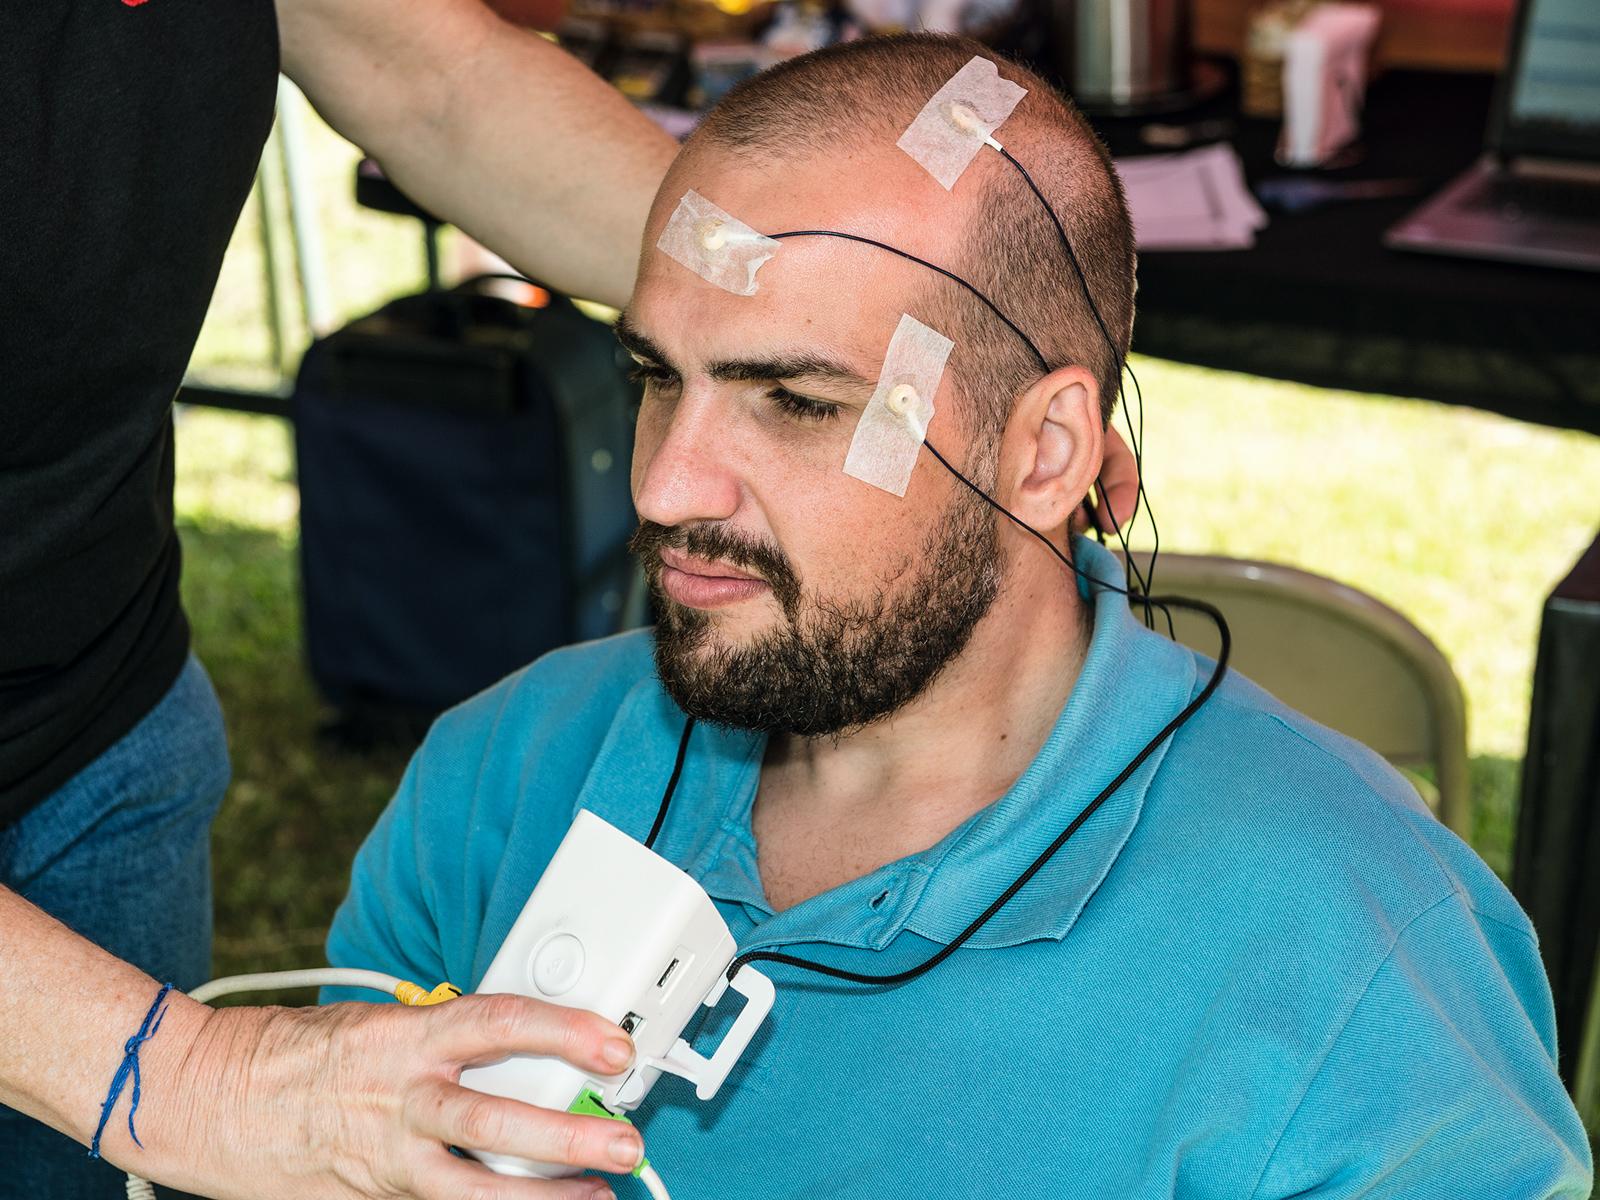 Os voluntários foram monitorados por eletroencefalograma para medir a atividade cerebral durante o teste